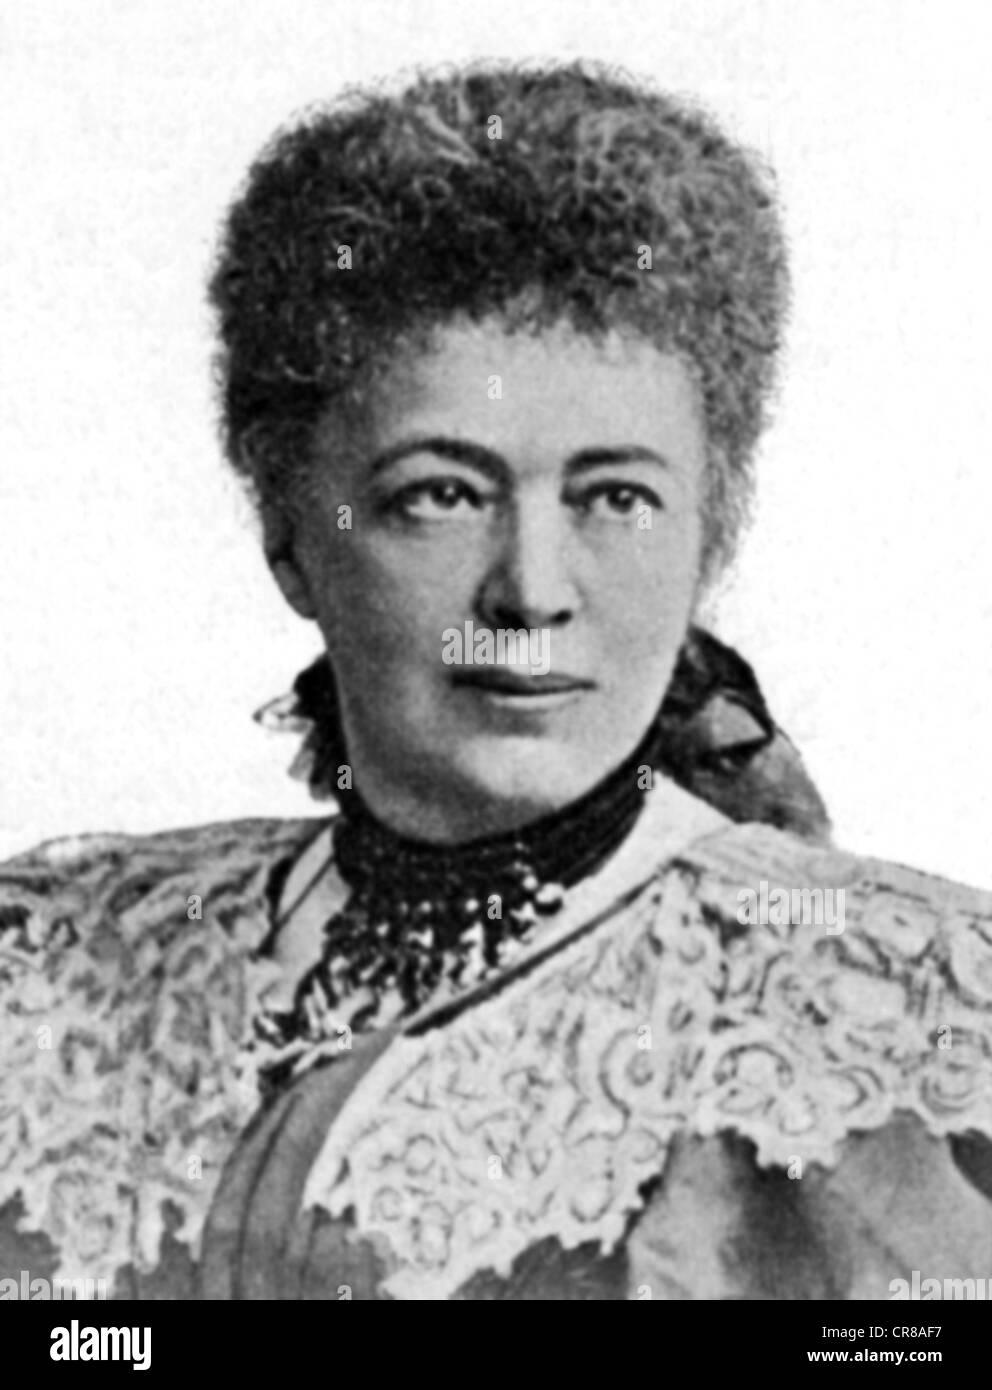 Suttner, Bertha-von-, 9.6.1843 - 21.6.1914, österreichische Pazifistin und Schriftstellerin, Porträt, Stockbild